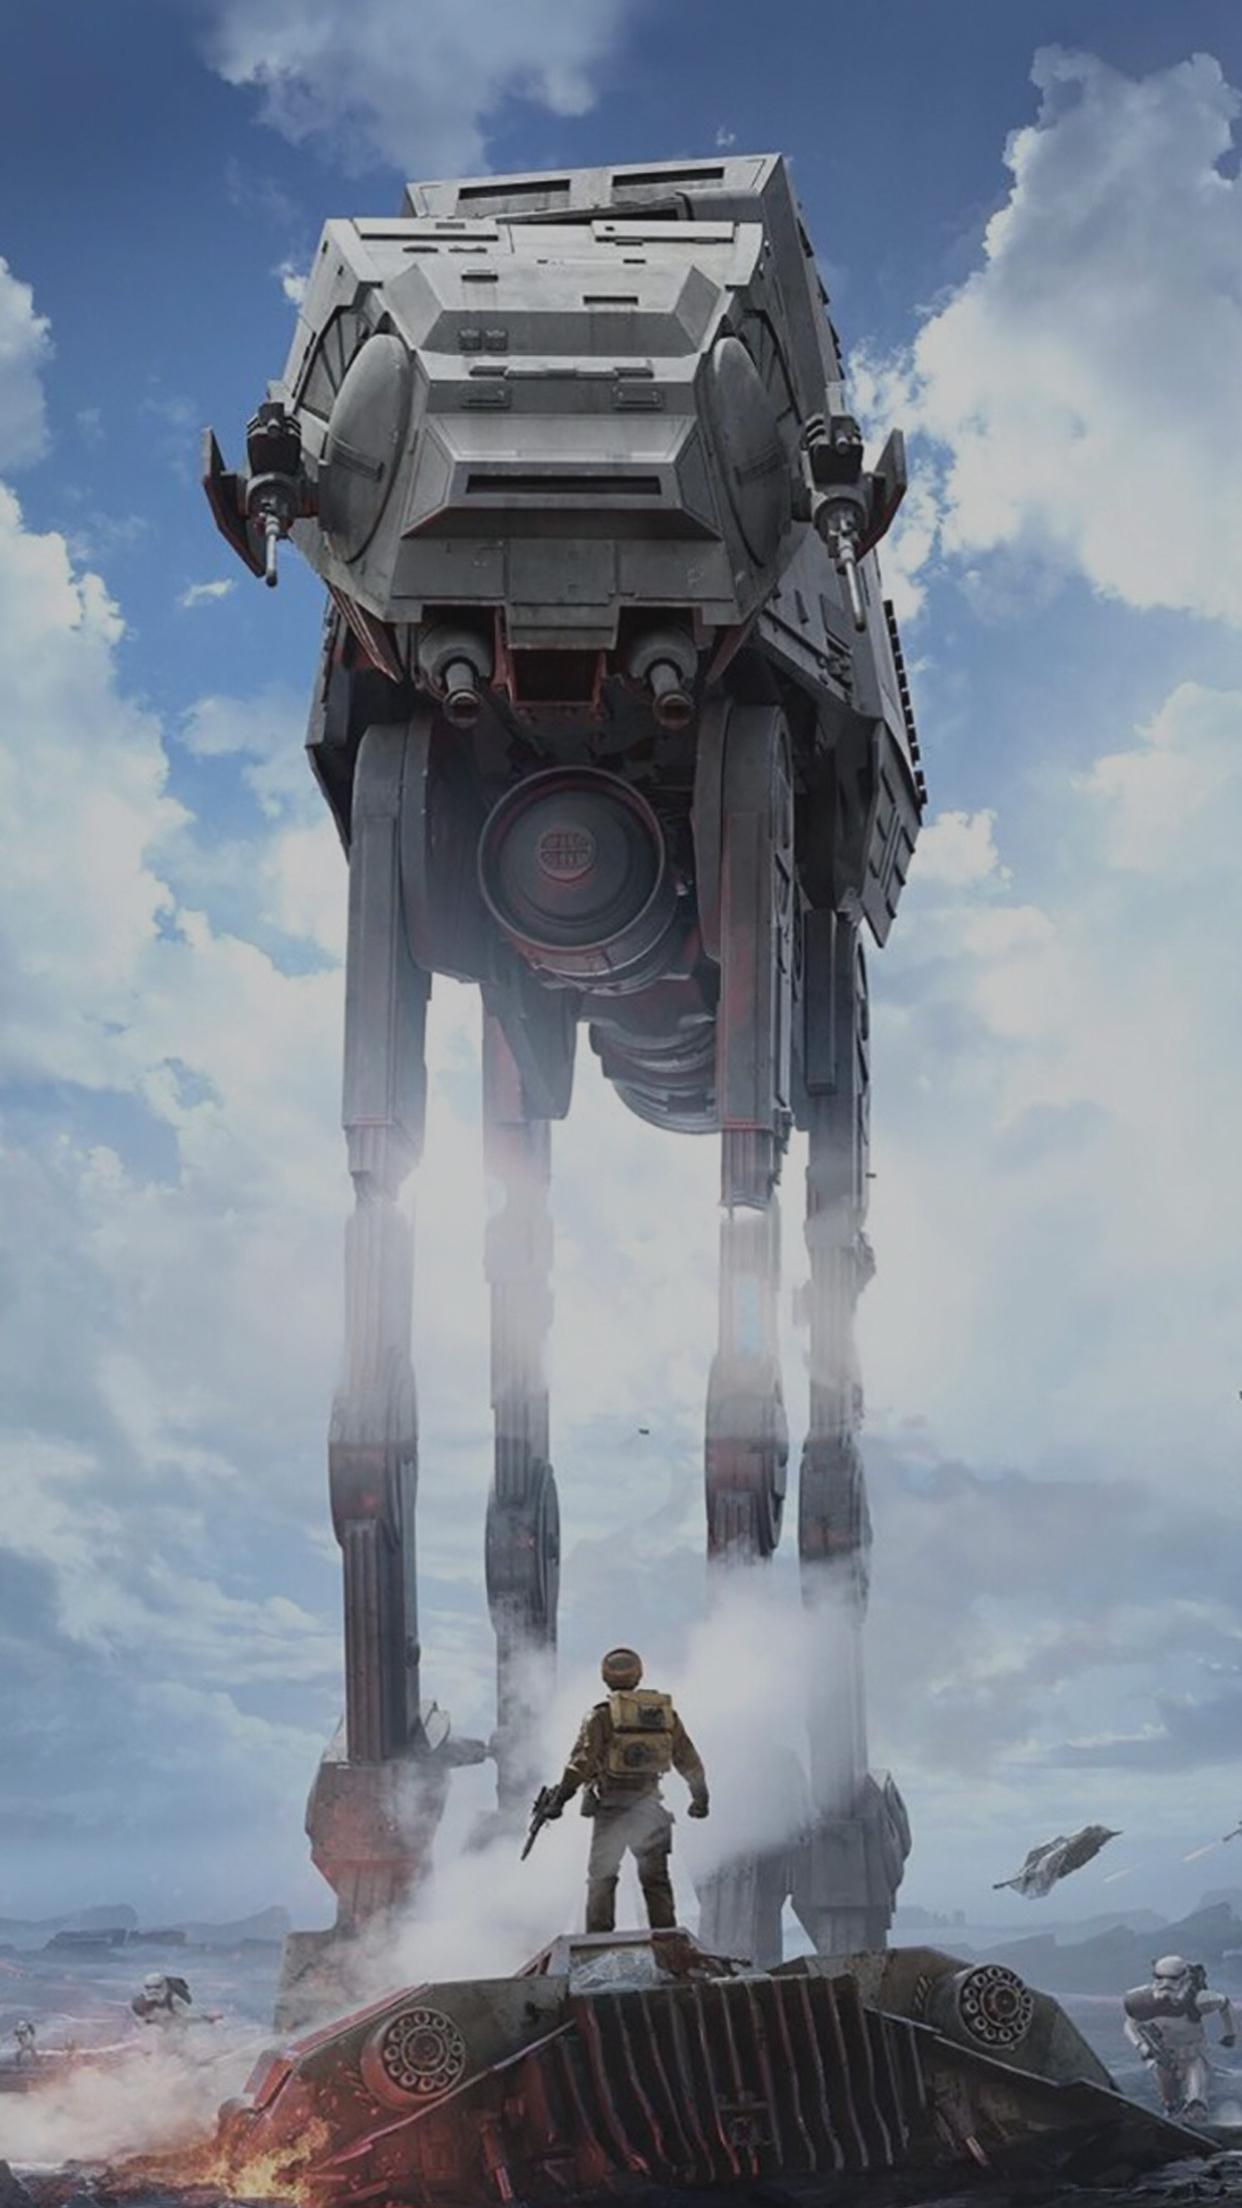 Wallpapers de Star Wars para iPhone MarcianoPhone 1242x2208